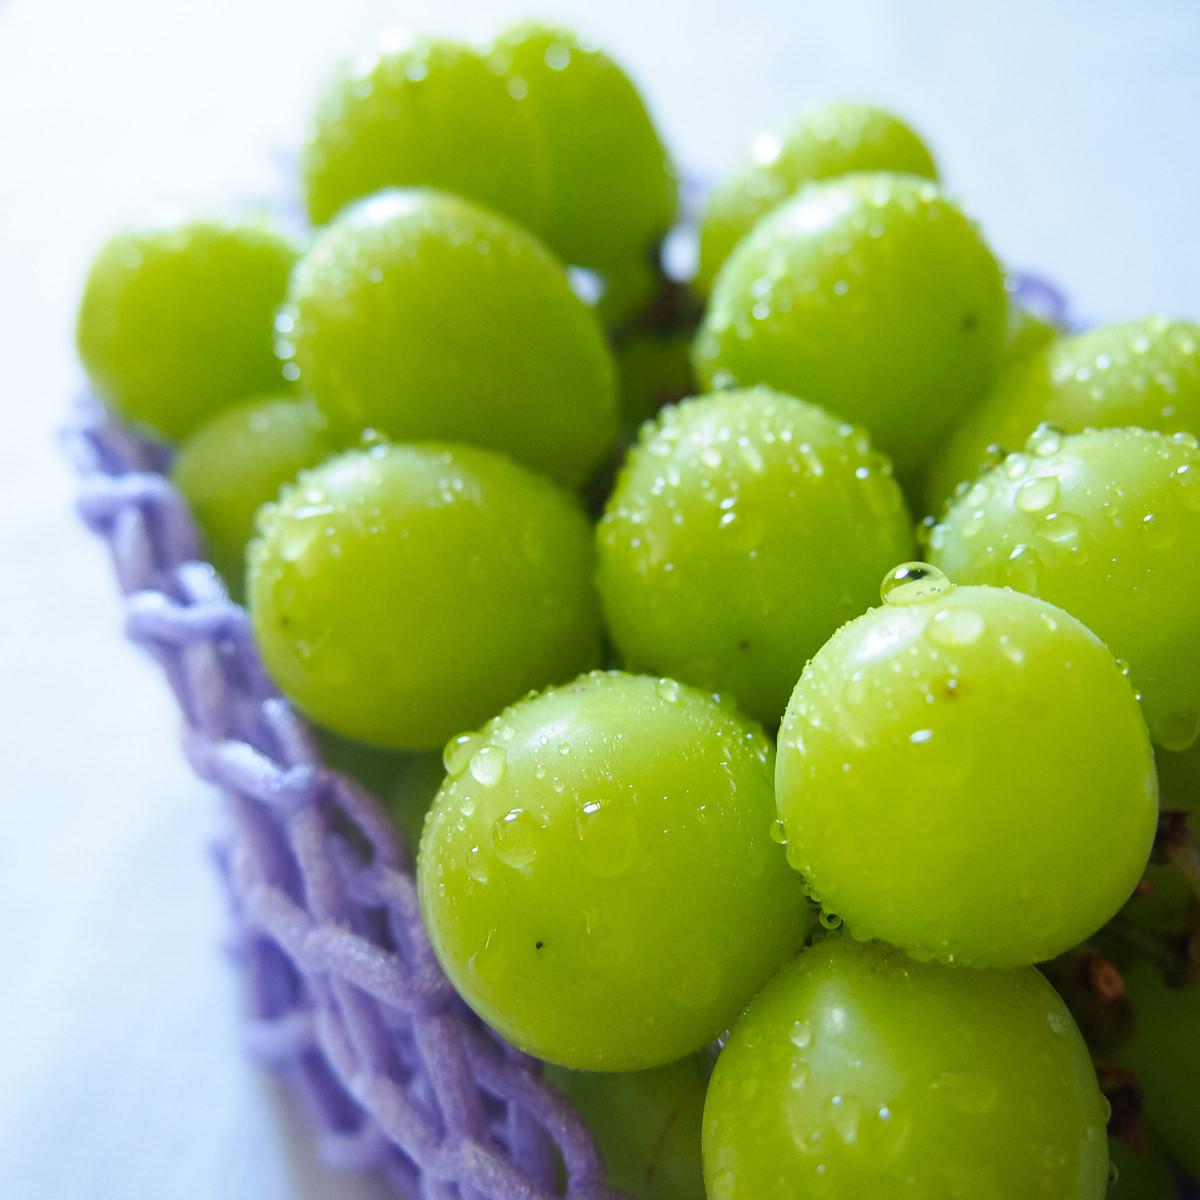 やまなし美味しい甲斐 雨宮農園 雨宮さんのシャインマスカット 山梨県甲府市産 2房 1300g以上